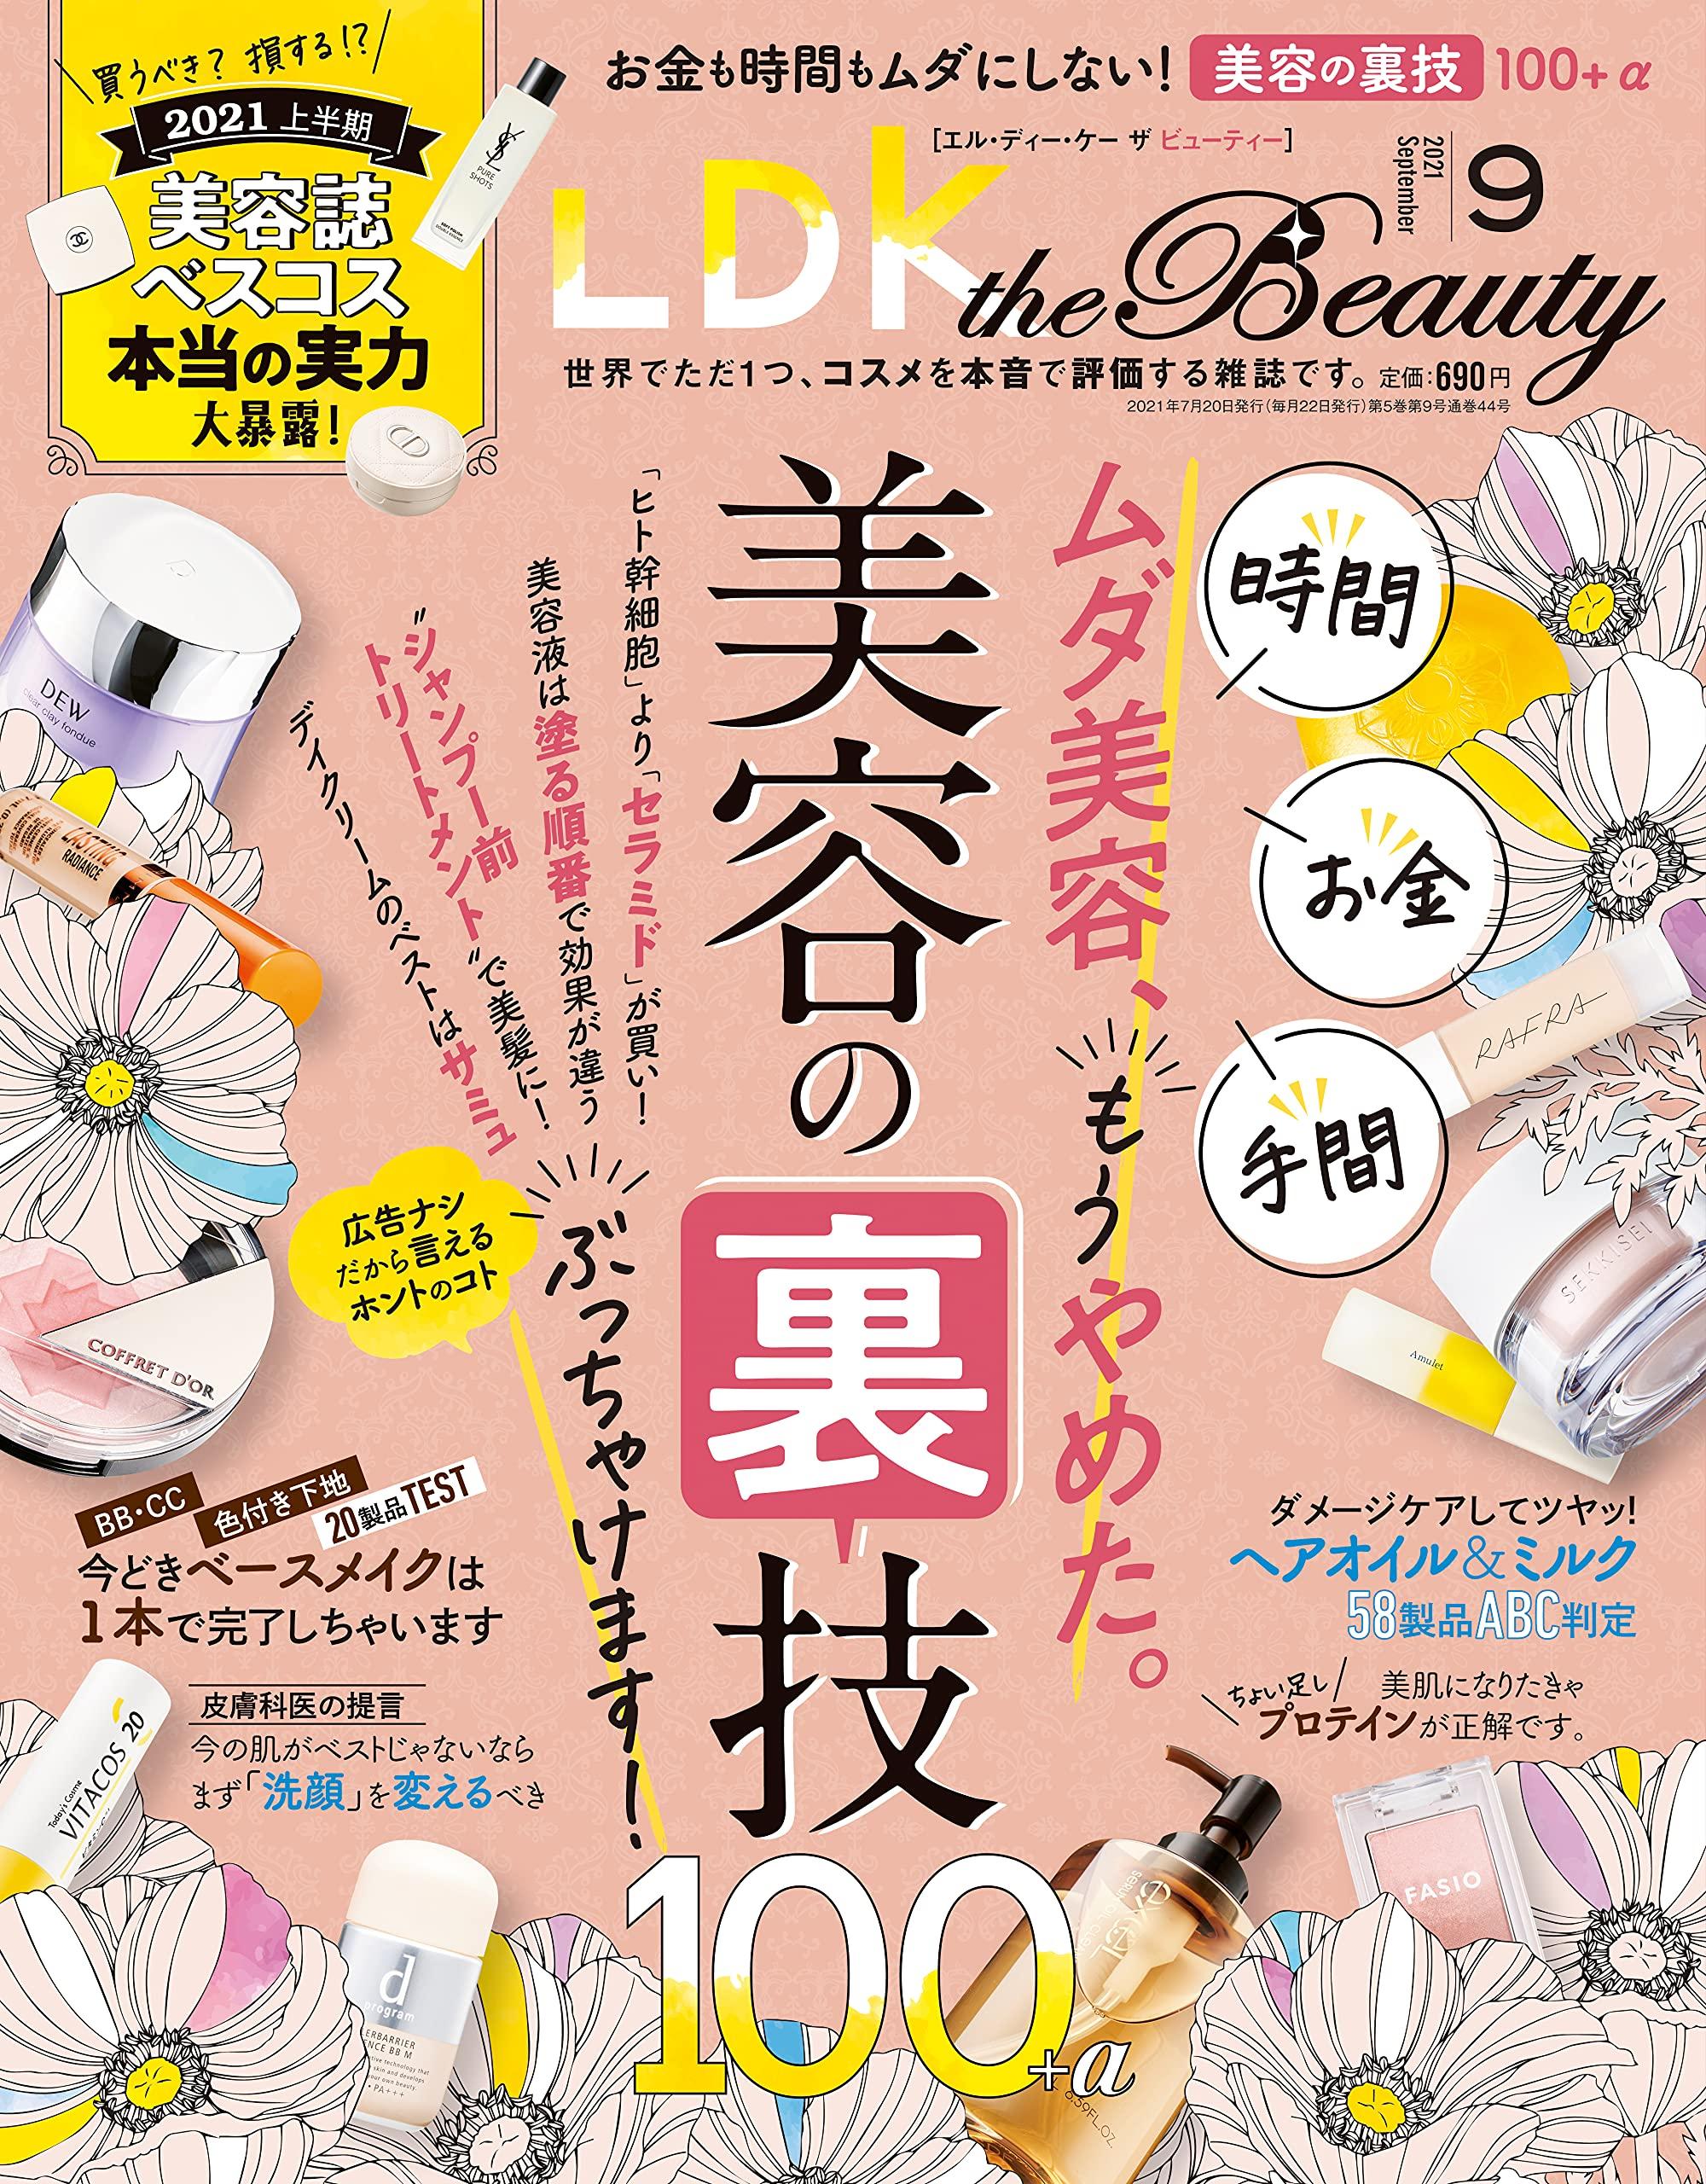 本当はピンキリ? テストでベスコスの実力『LDK the Beauty』